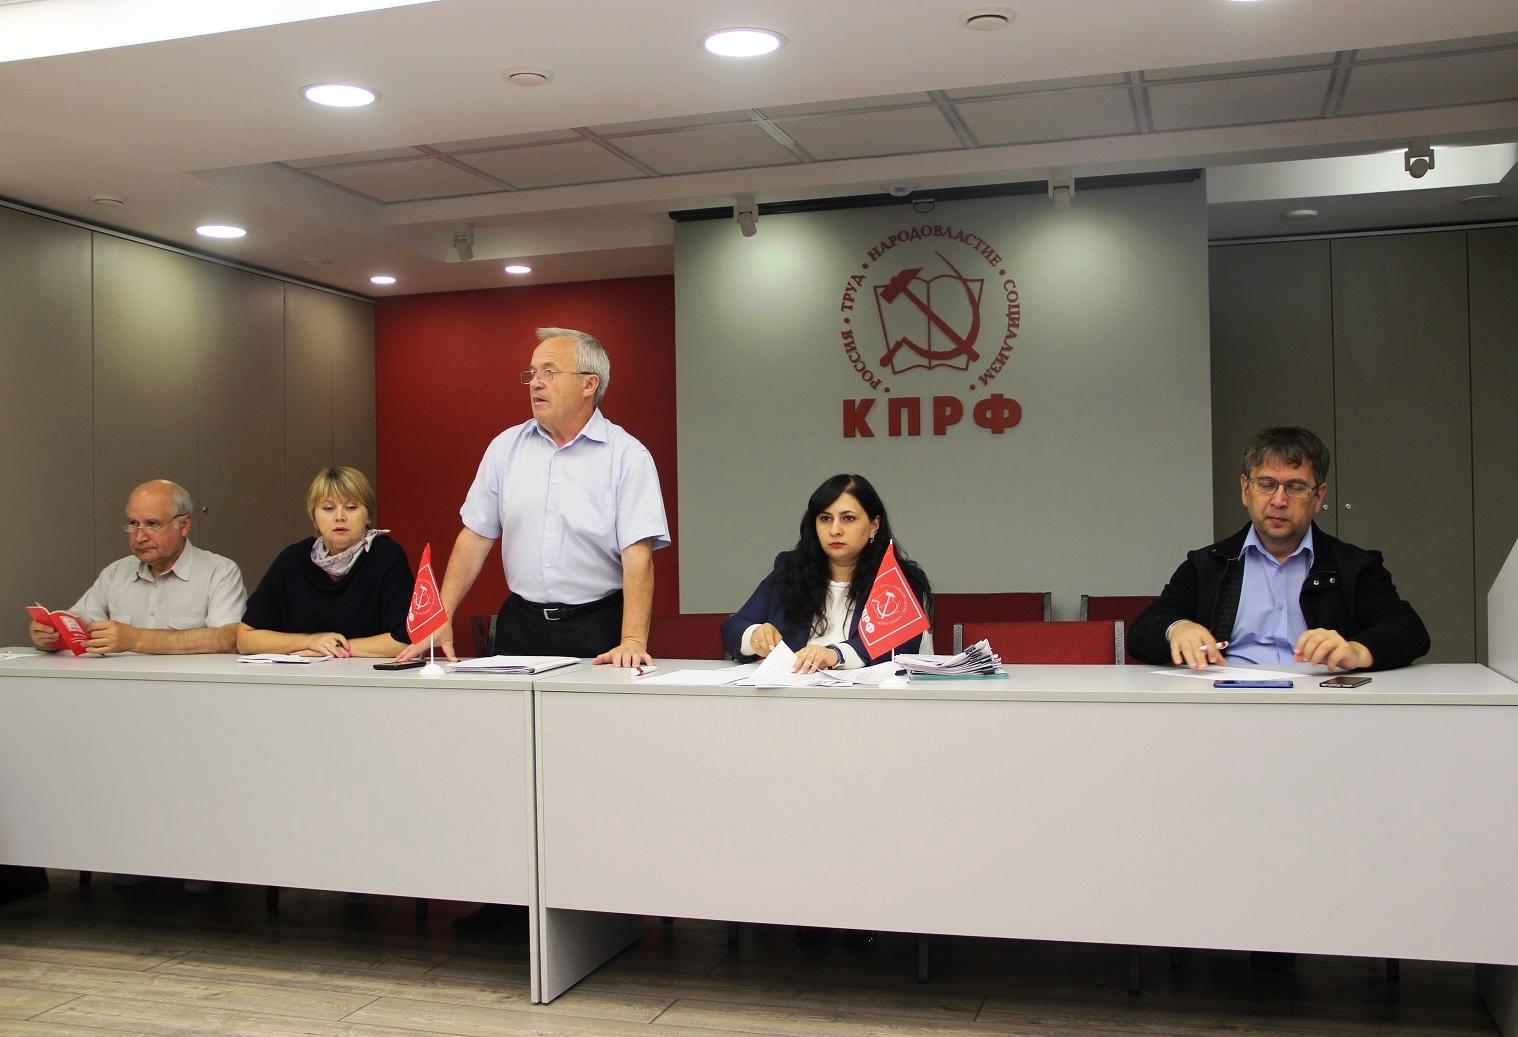 В Ярославле прошло заседание областного избирательного штаба КПРФ (фоторепортаж)